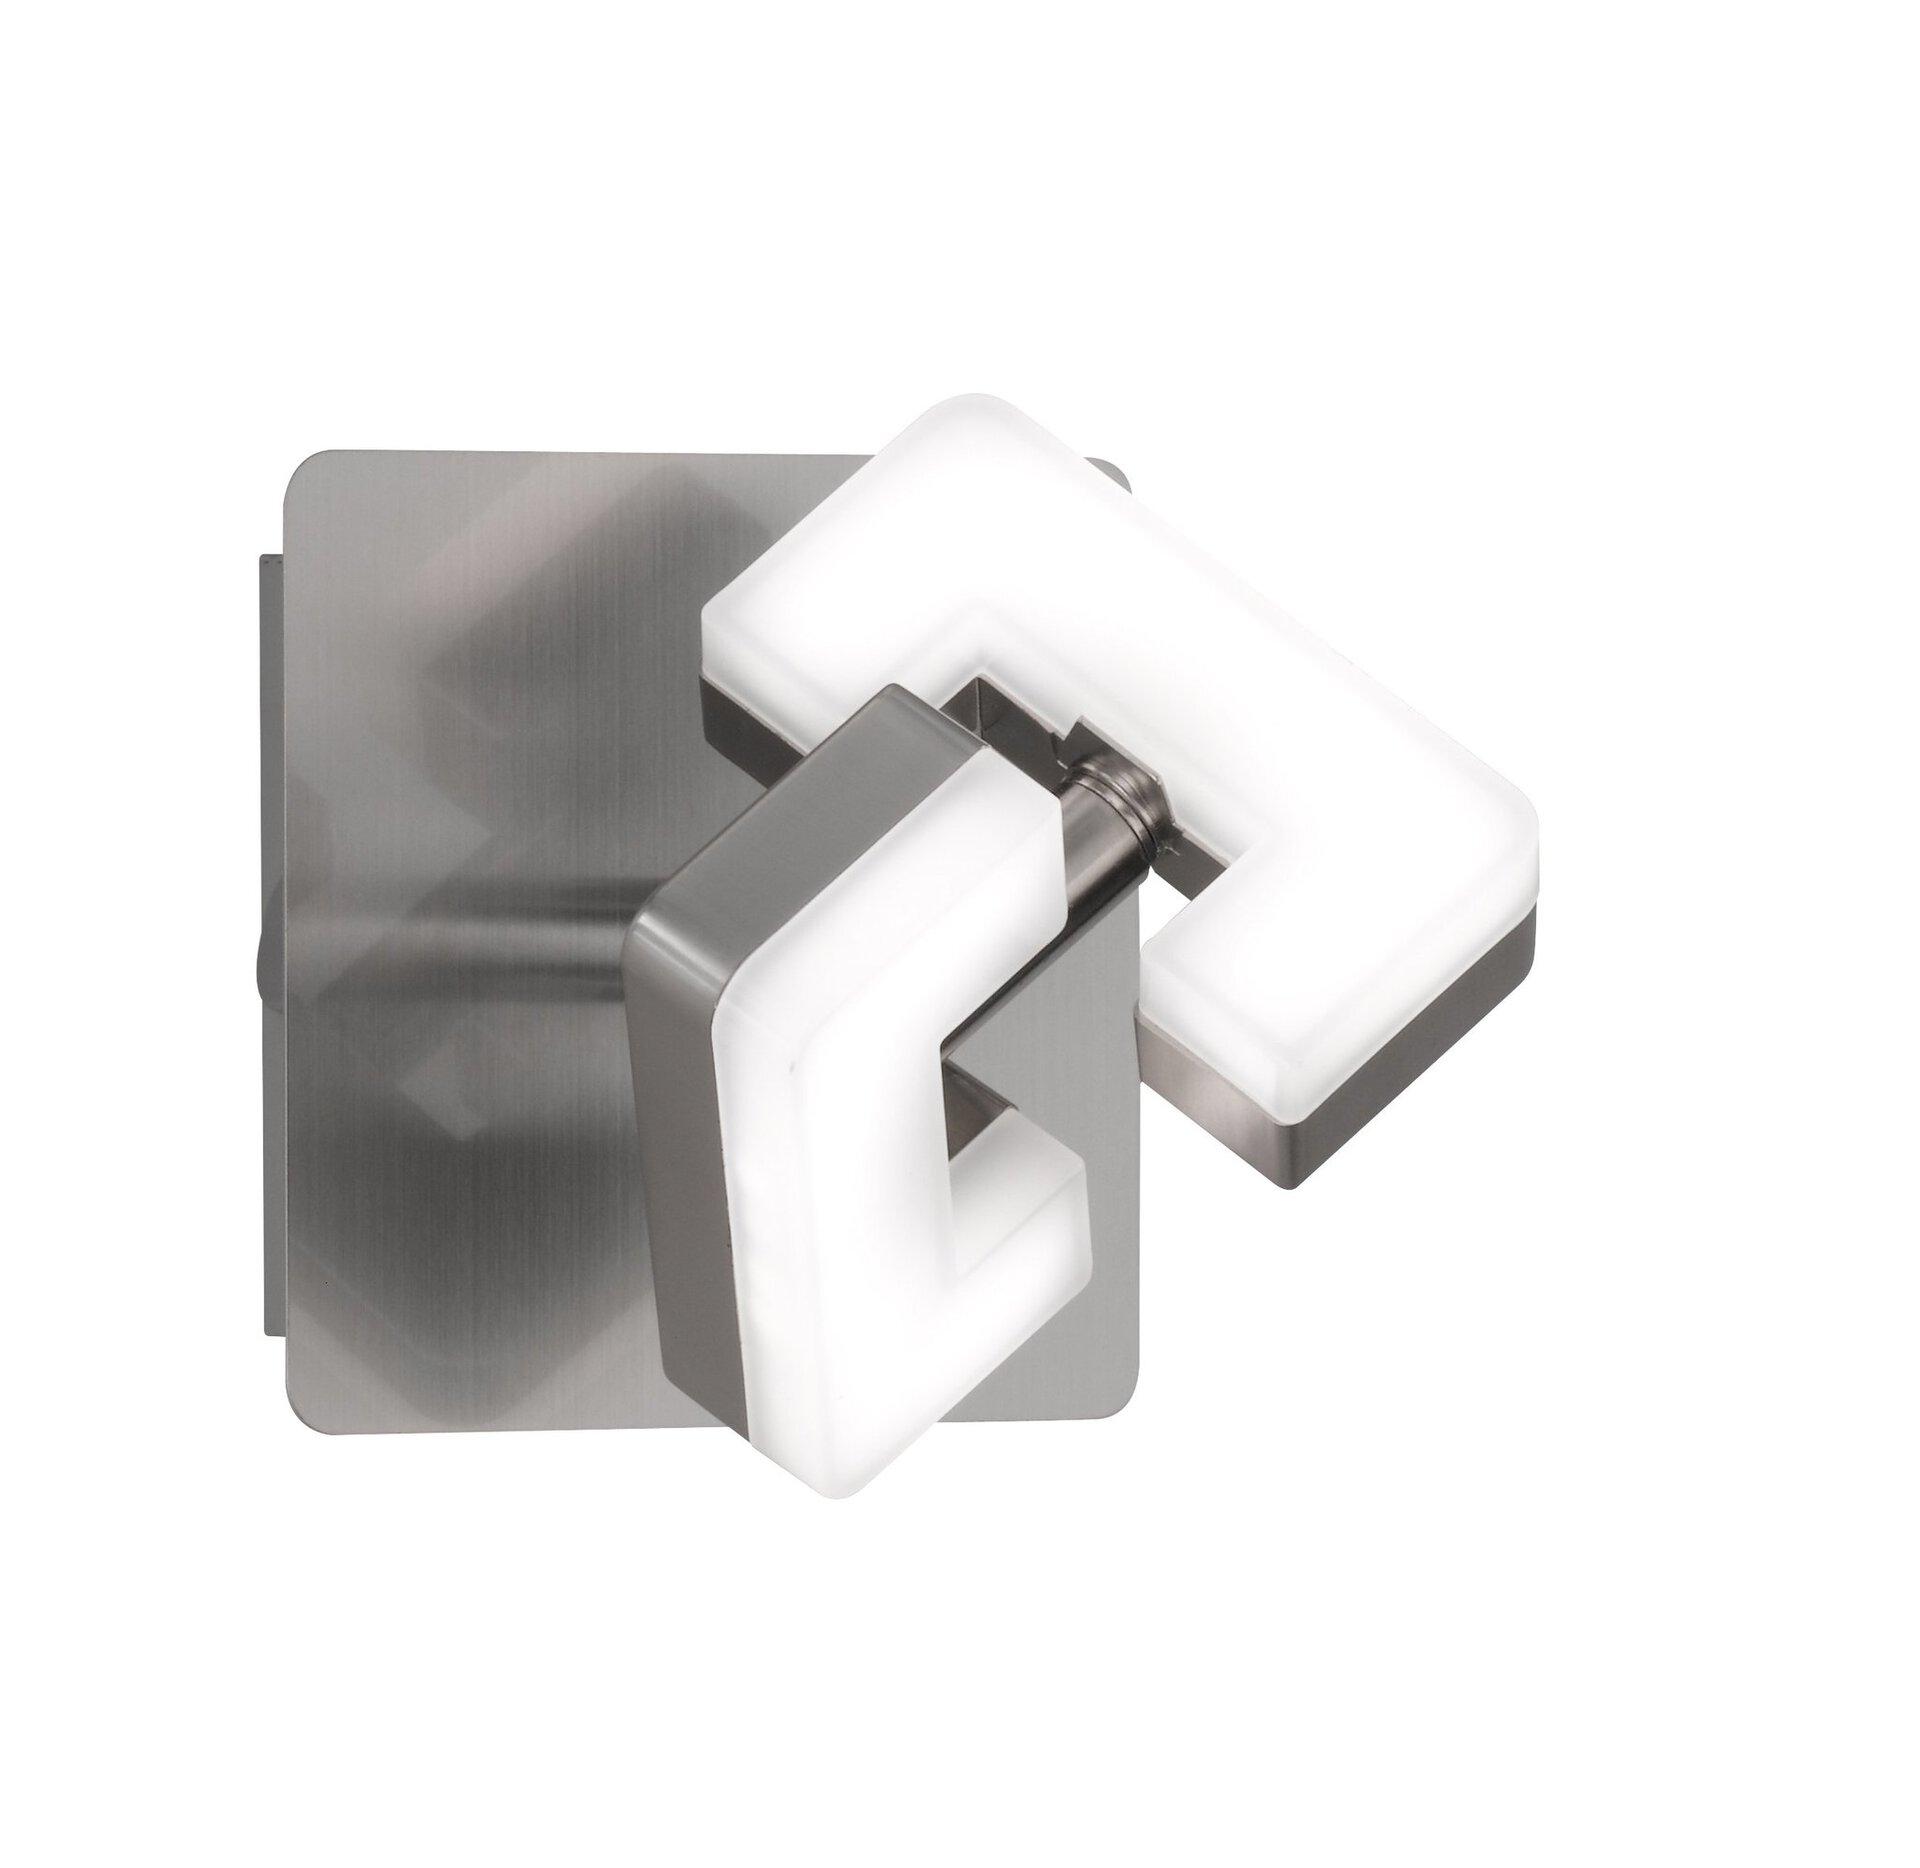 Aufbauspot Zara Wofi Leuchten Metall silber 10 x 12 x 10 cm